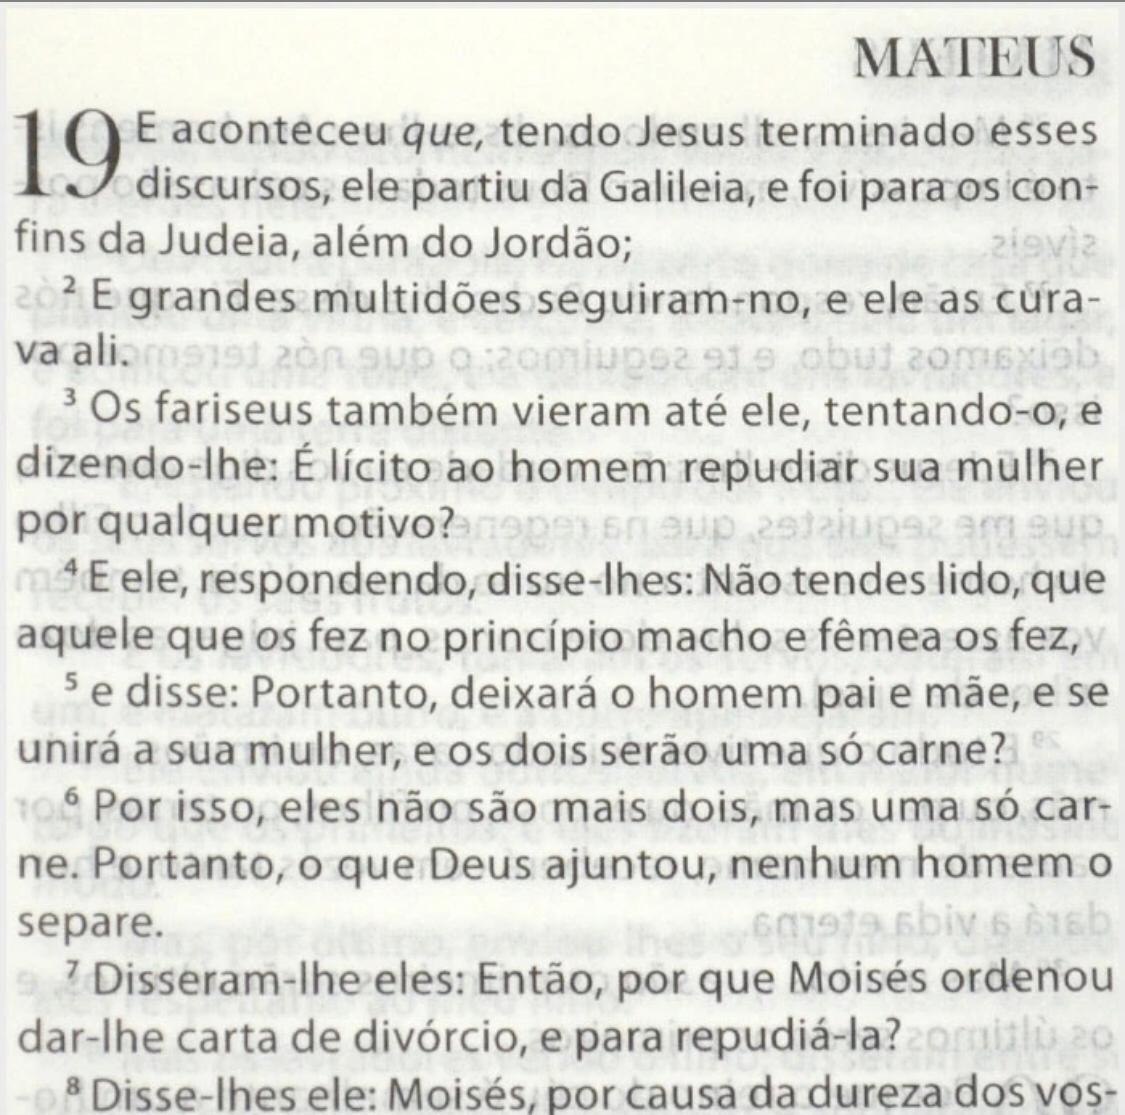 BIBLIA BKJ FIEL 1611 ULTRA FINA - LUXO MARROM